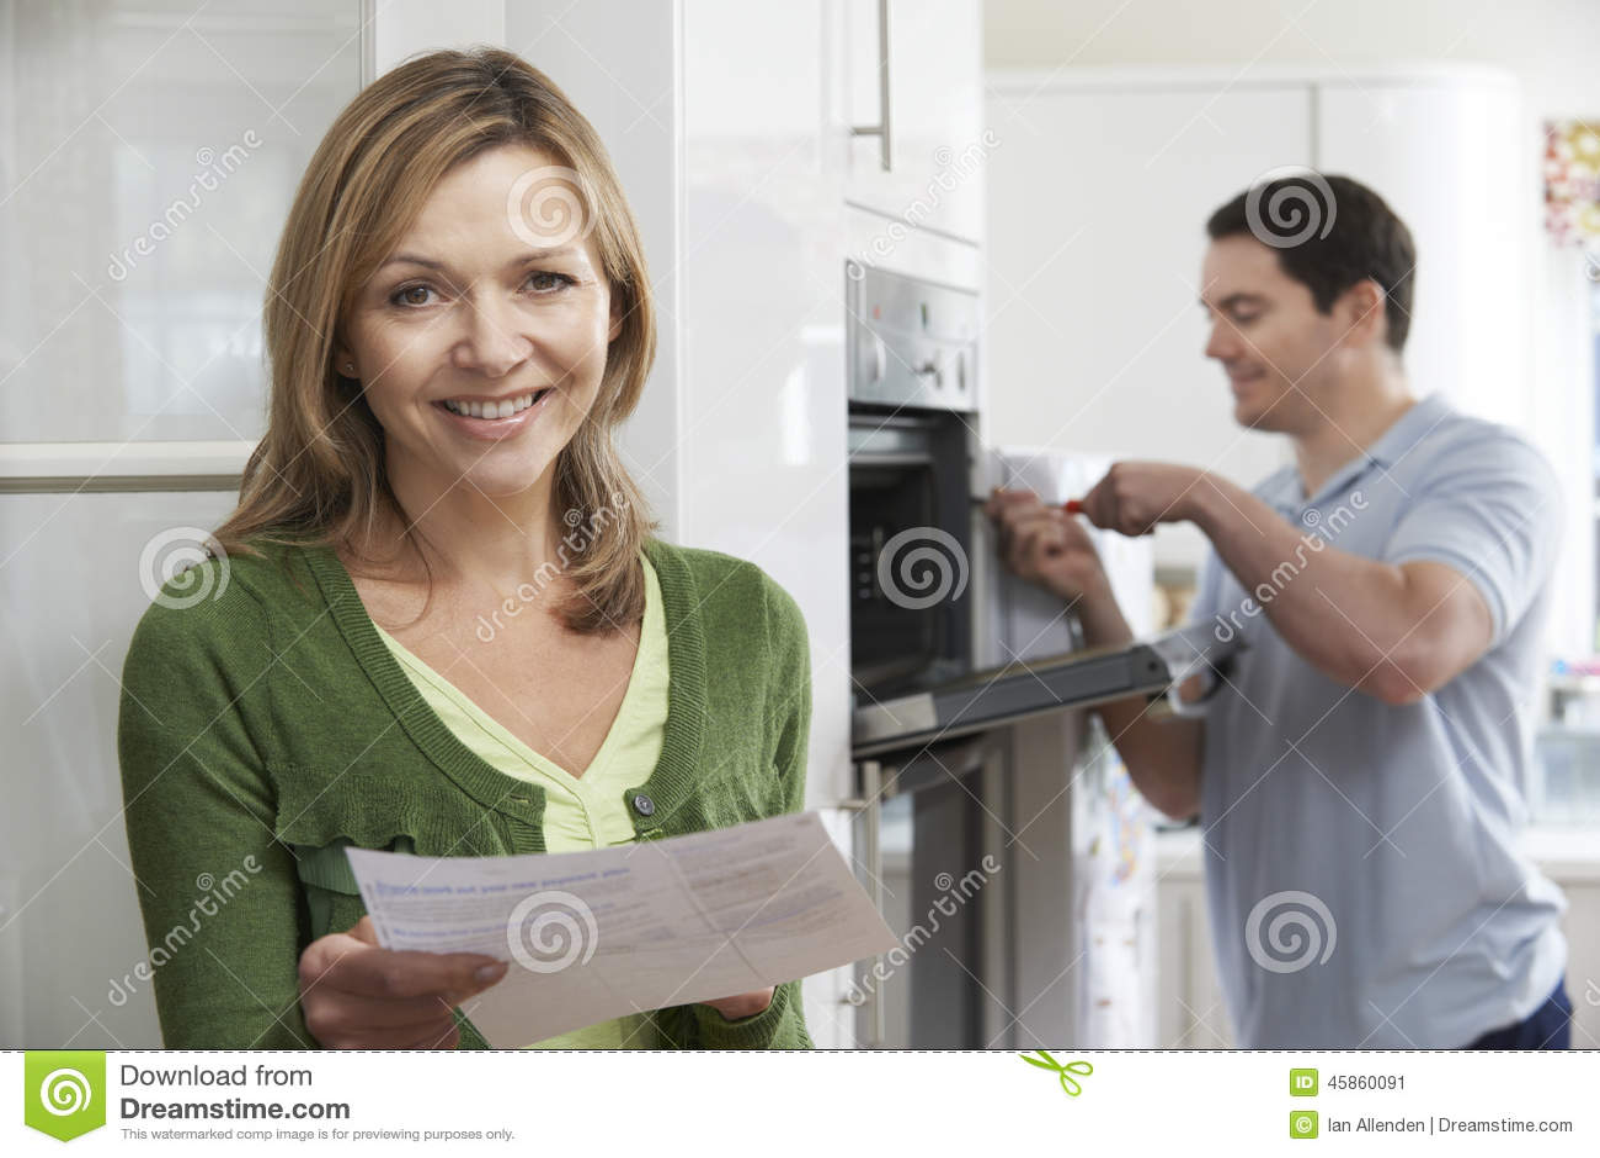 Tevreden Vrouwelijke Klant met Oven Repair Bill